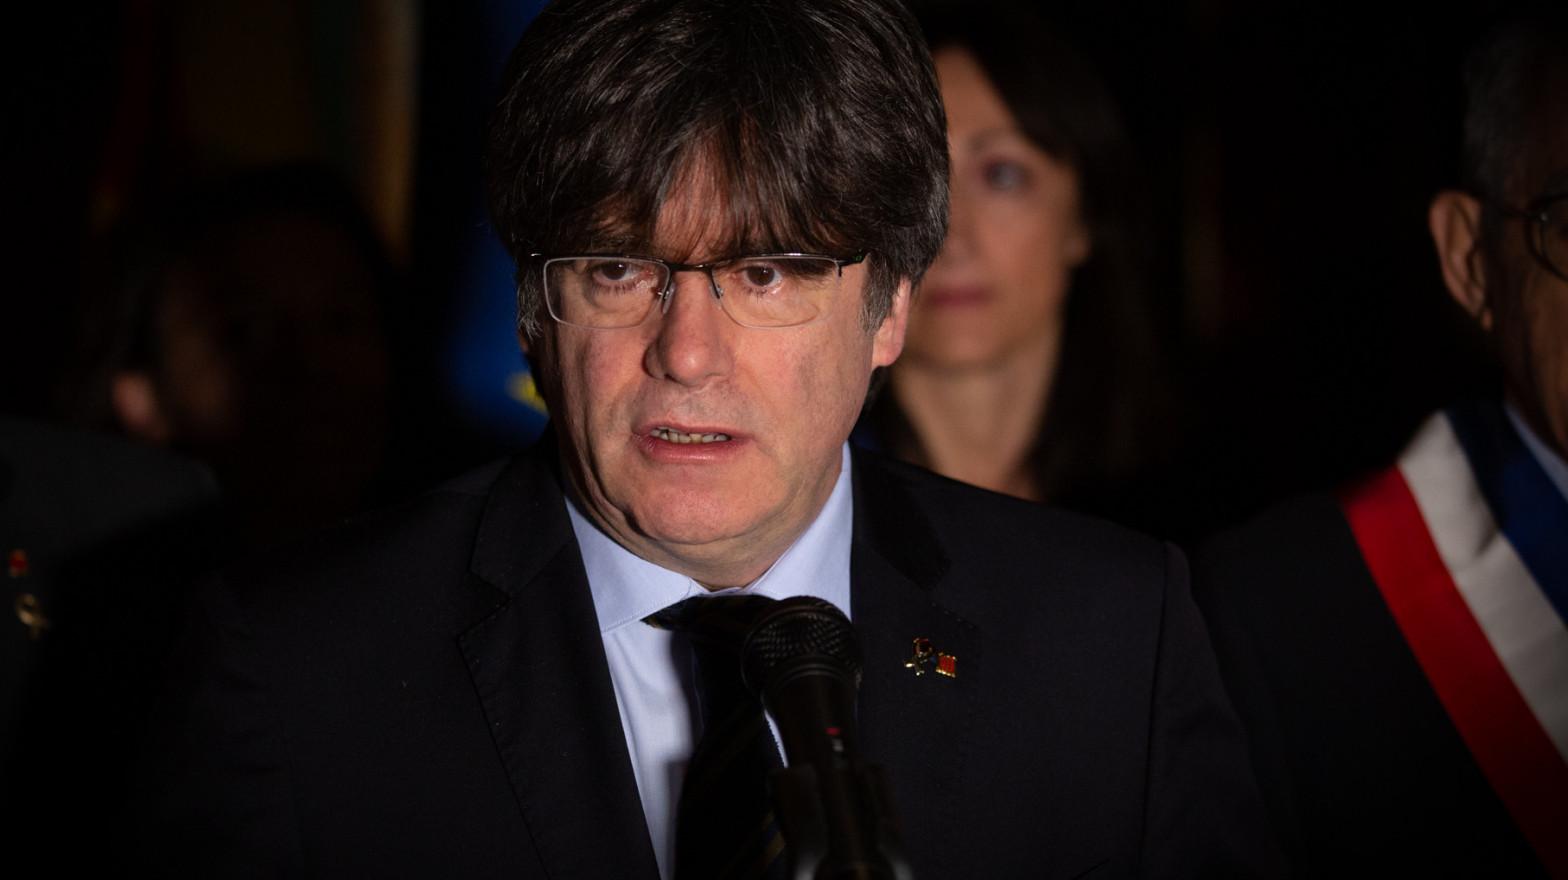 El juez sitúa al entorno de Puigdemont en Tsunami Democràtic y lo envía a la Audiencia